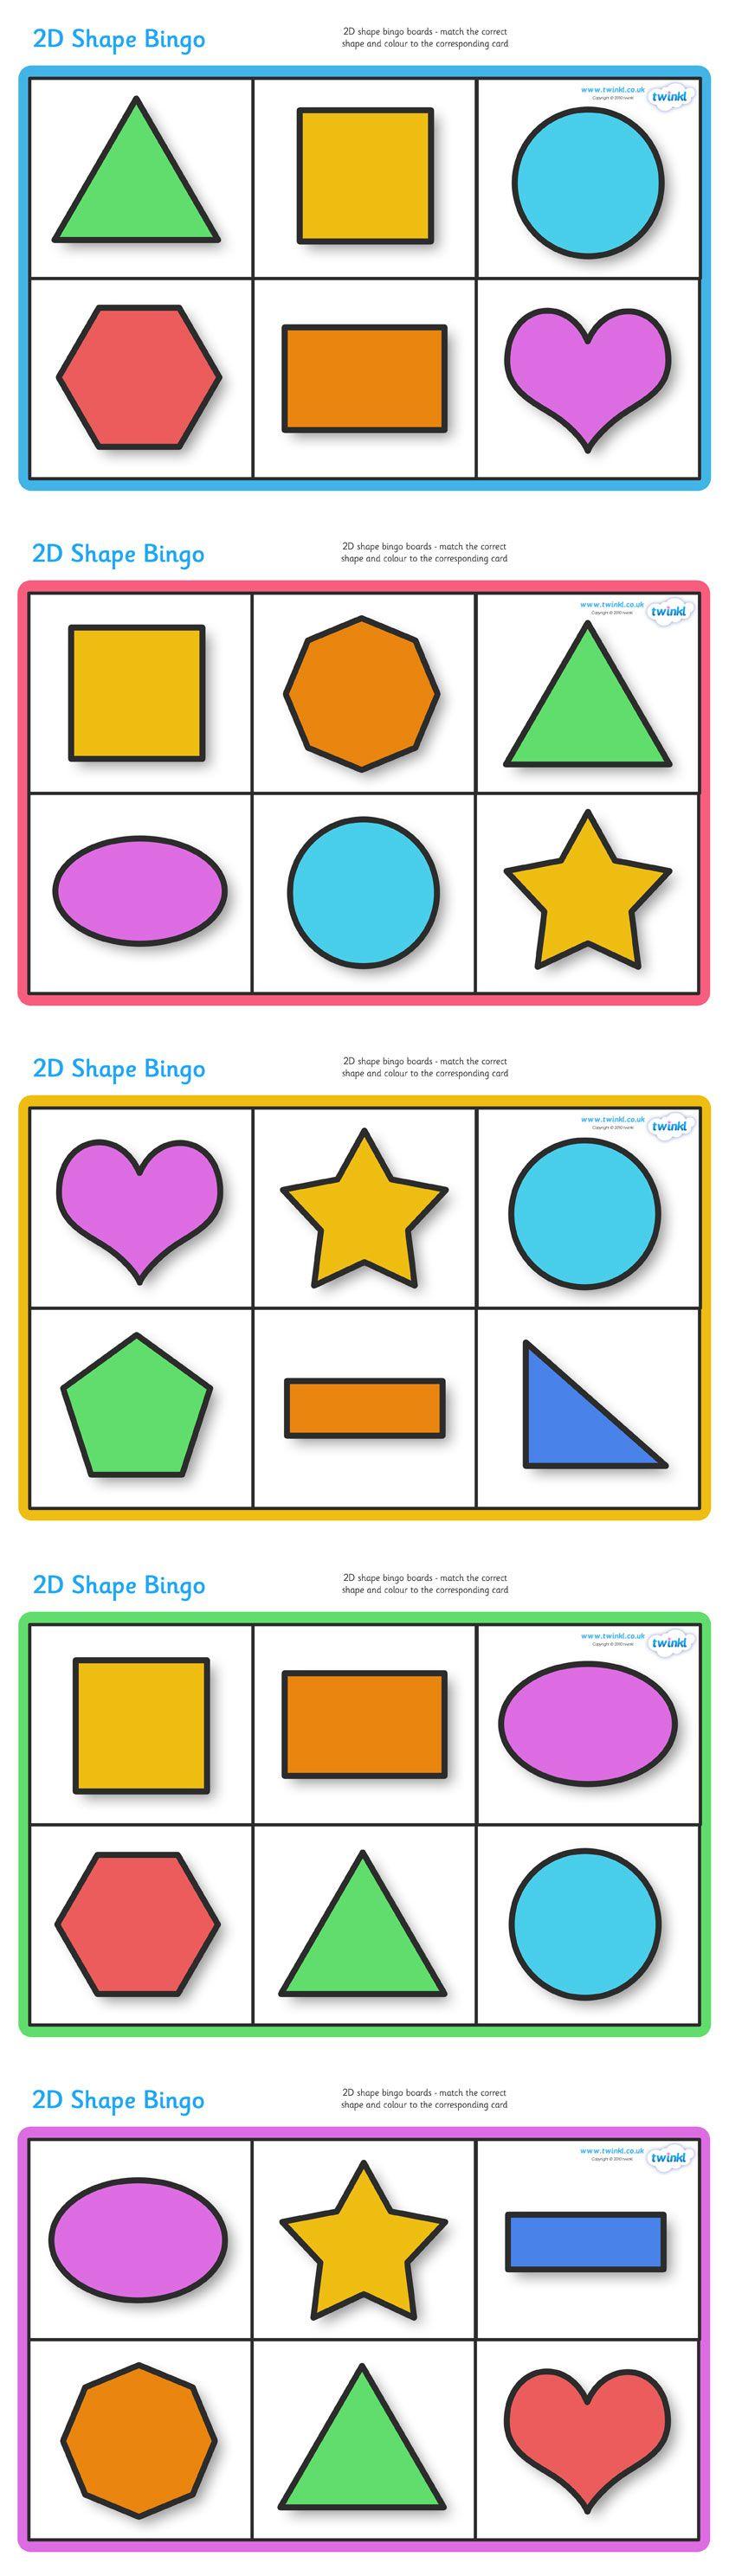 twinkl resources gtgt 2d shape bingo gtgt classroom printables